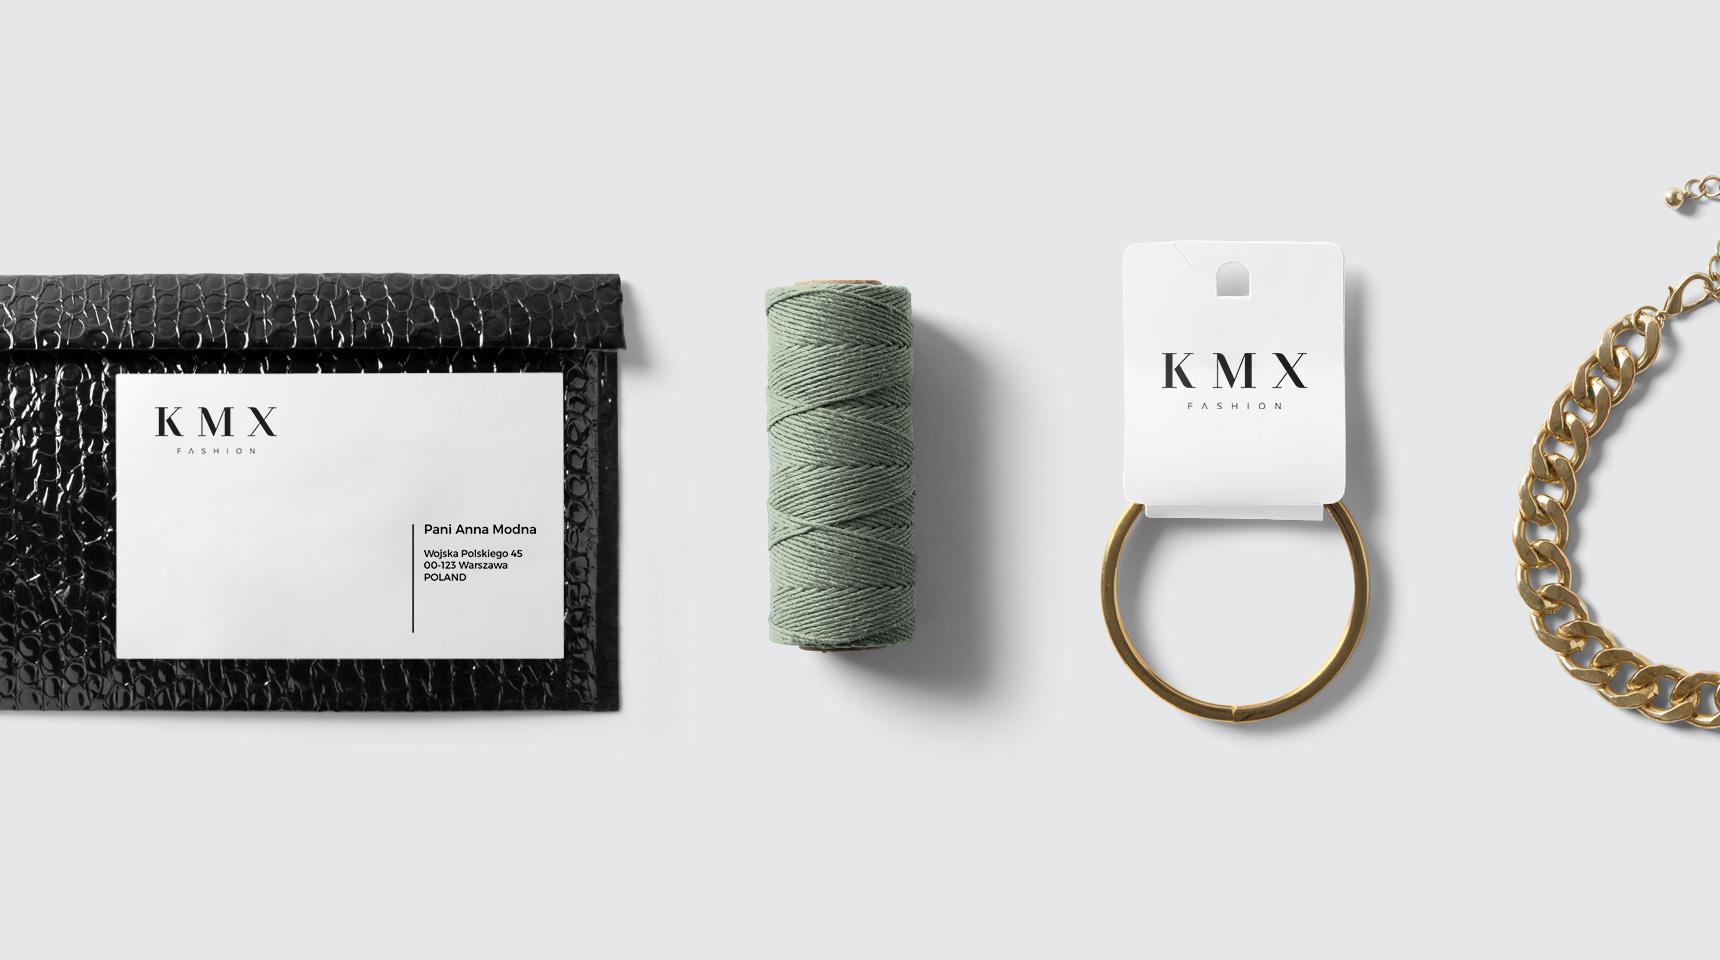 KMX Fashion - Klasyczna, zmysłowa, kobieca...